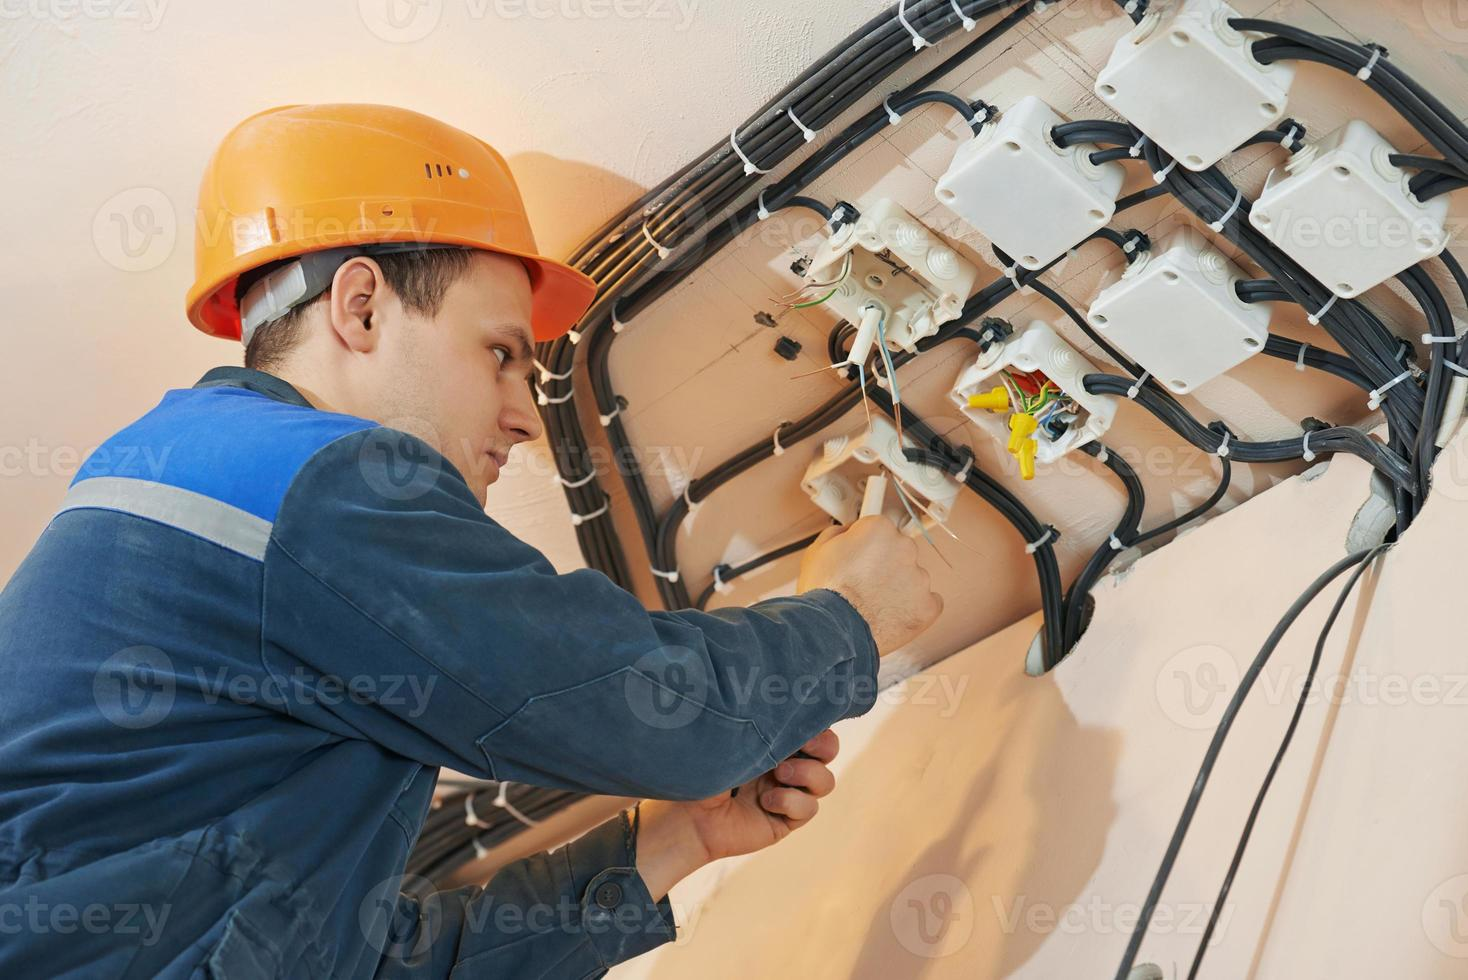 elettricista lavora con rete elettrica foto